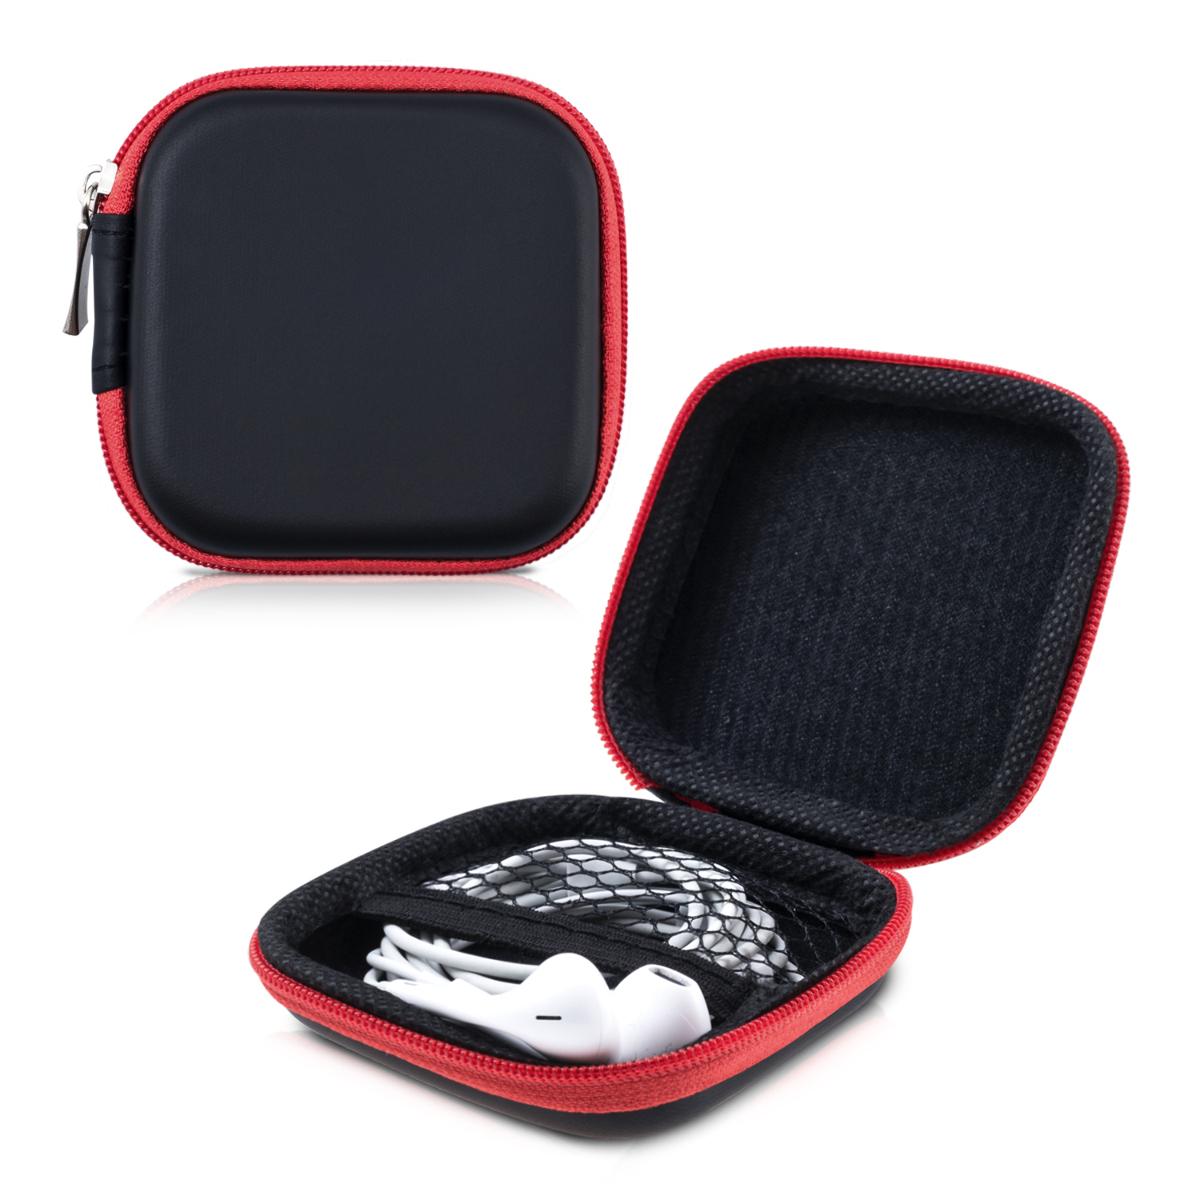 Kwmobile hard case estuche para auriculares protecci n - Auriculares de proteccion ...